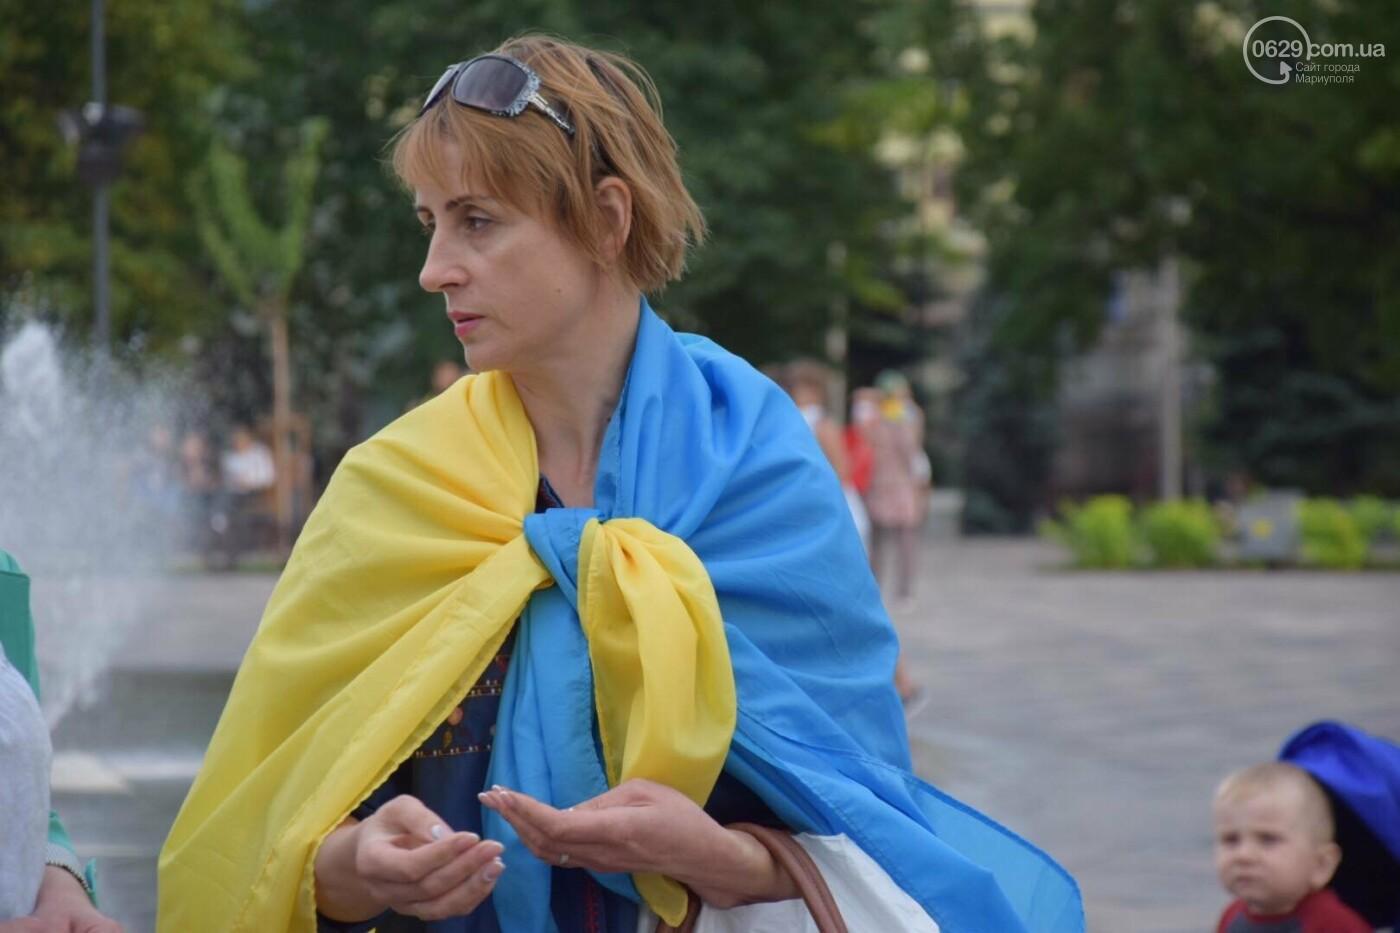 В Мариуполе радостно встретили Закон об украинском языке, - ФОТО, фото-8